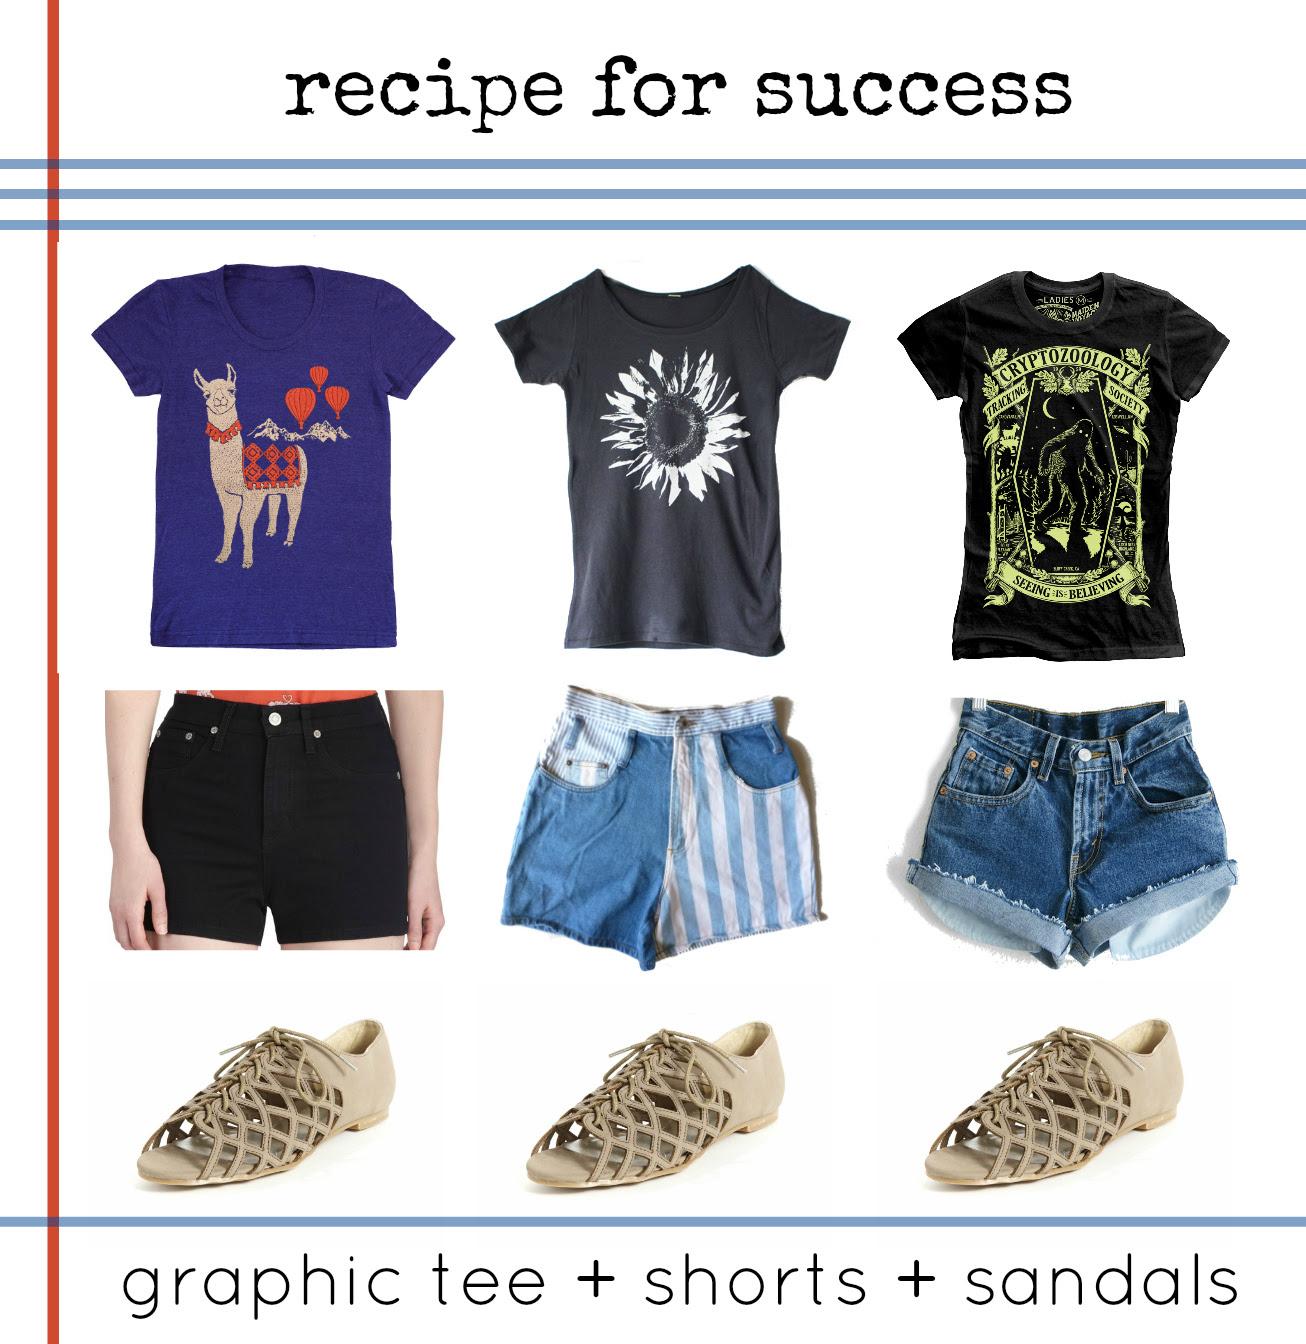 graphic tees and cutoff shorts